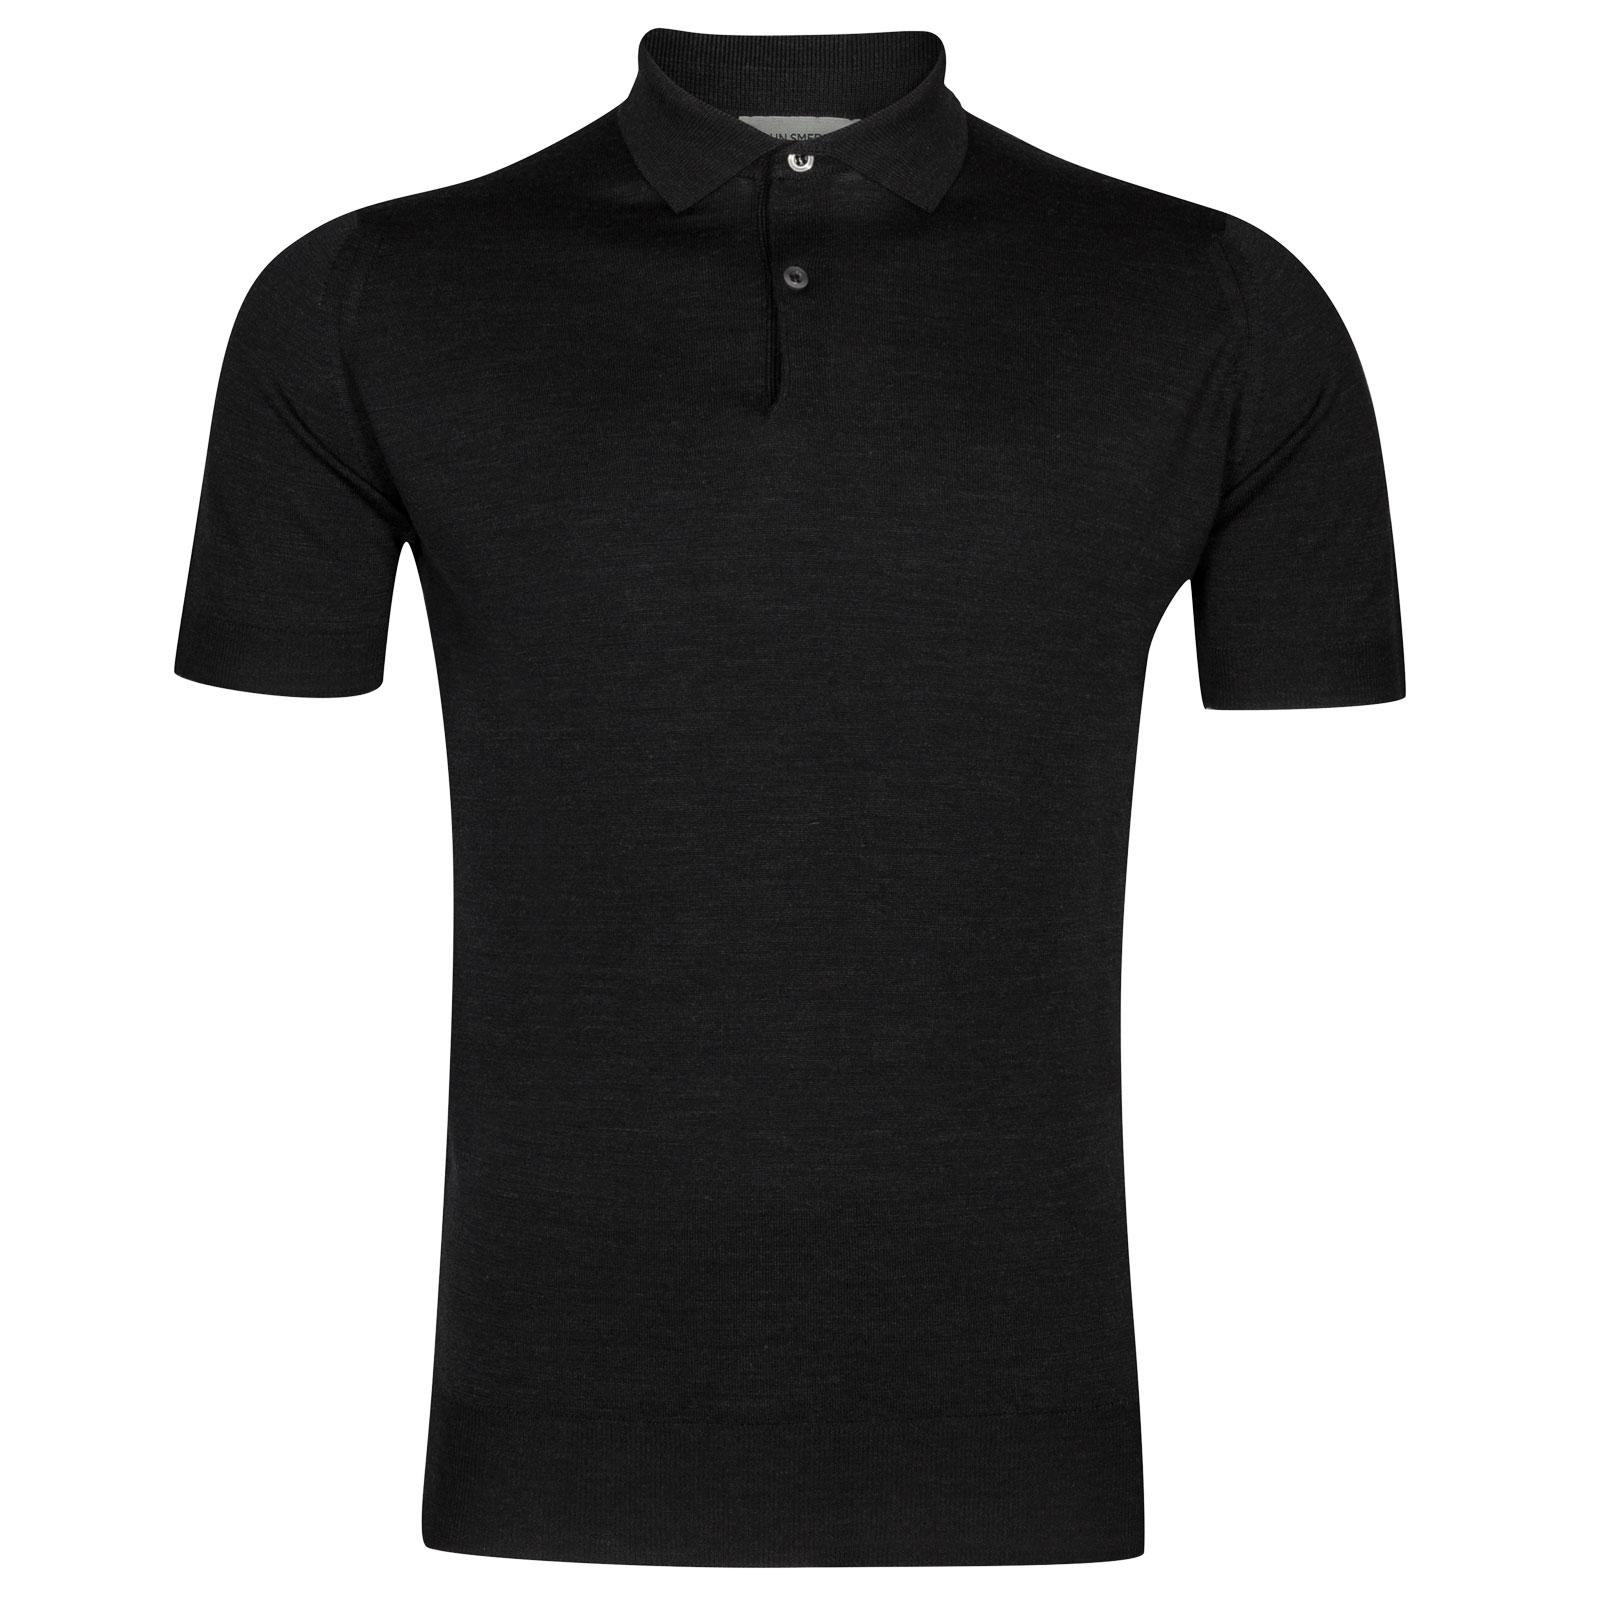 John Smedley payton Merino Wool Shirt in Hepburn Smoke-XL